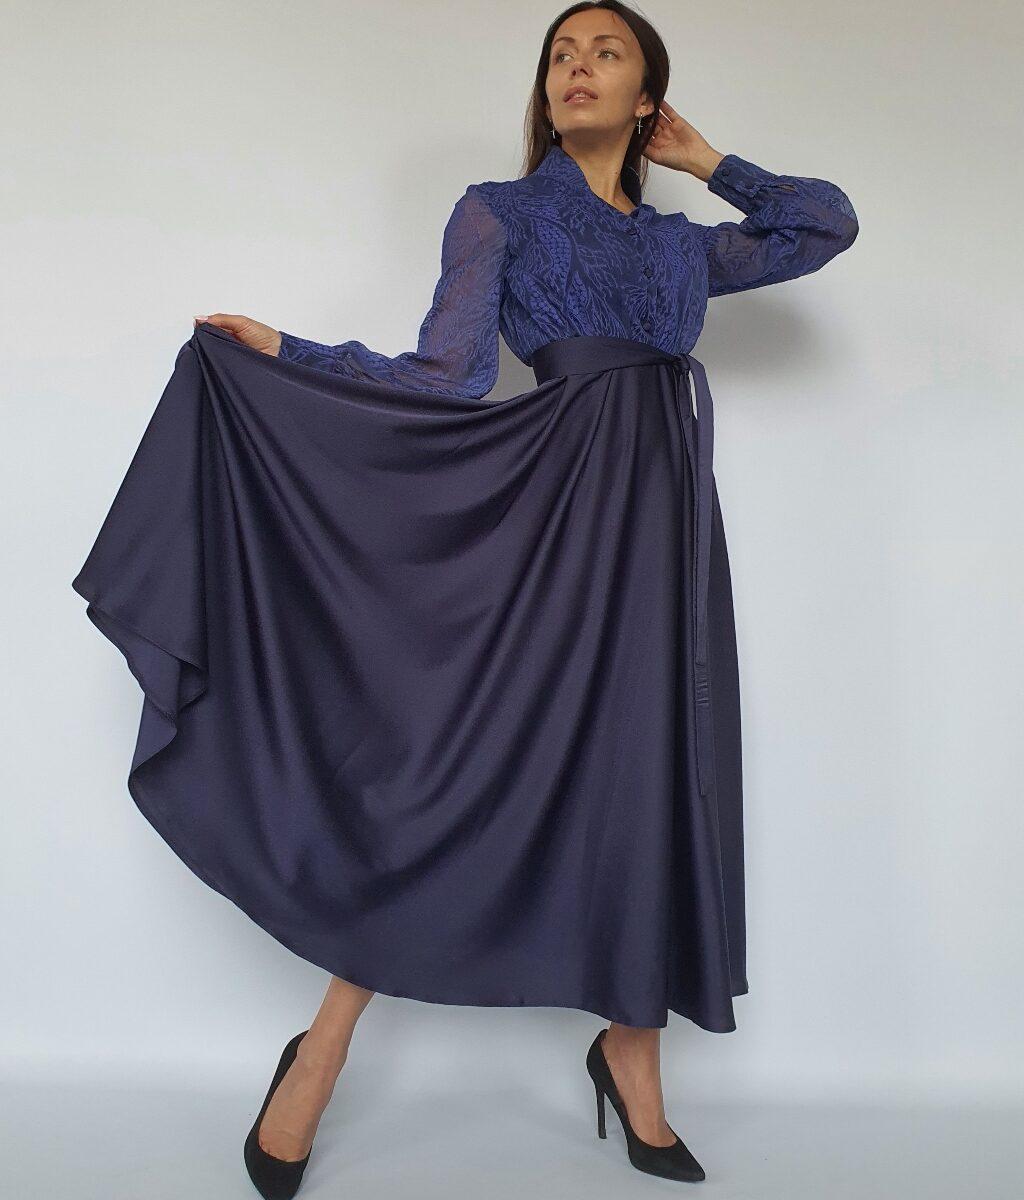 ❤ Платье-рубашка макси со струящейся юбкой. Цвет сапфировый